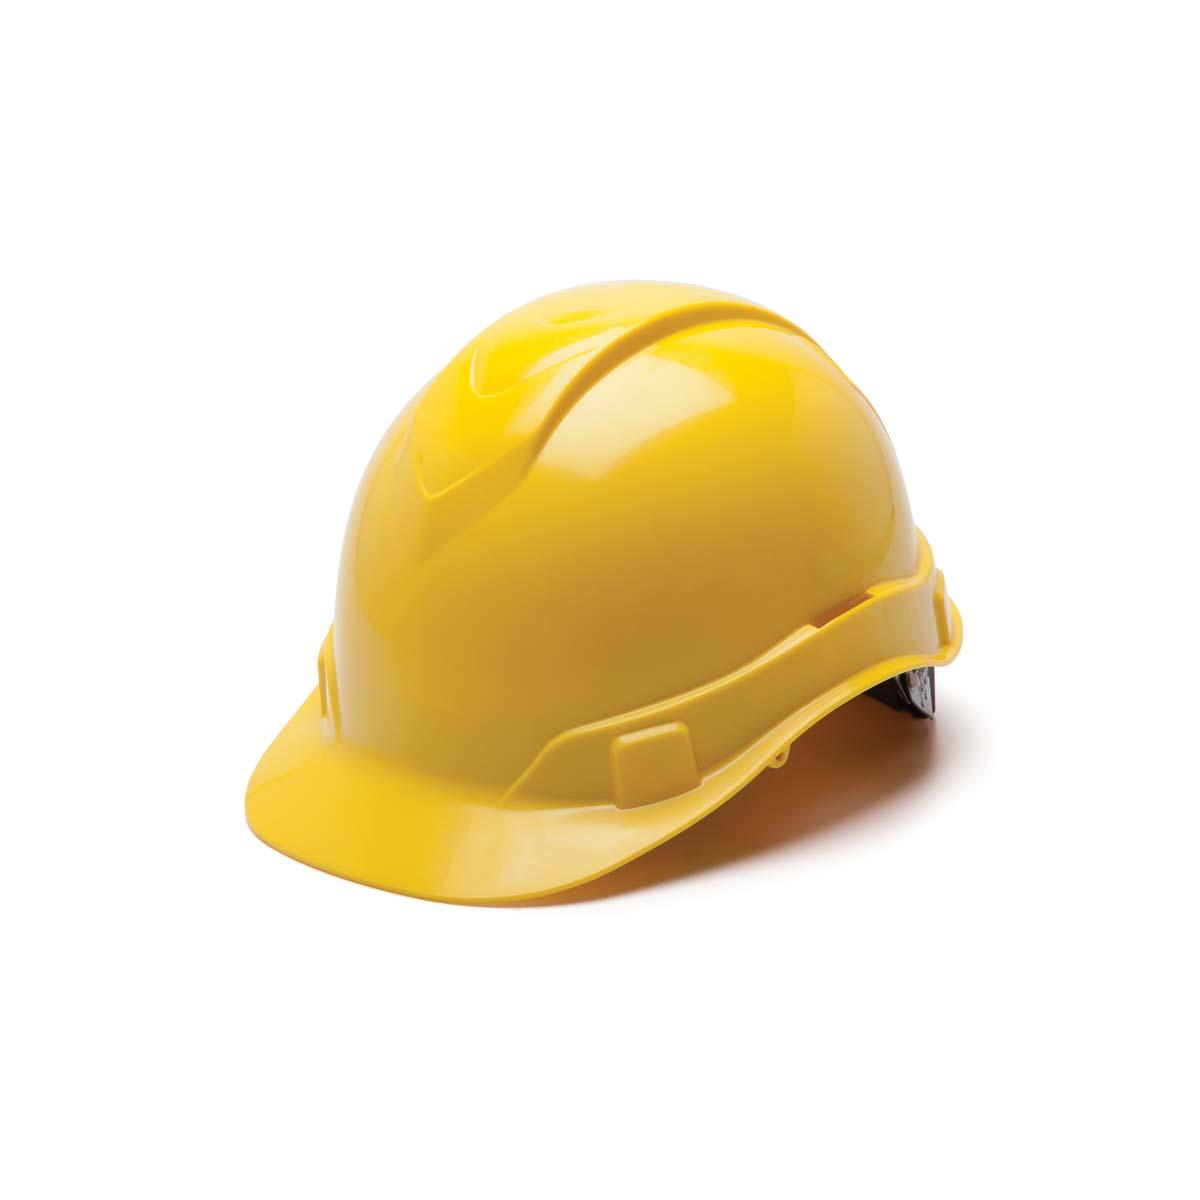 Yellow-Ridgeline Cap Style 4 Pt Ratchet Suspension